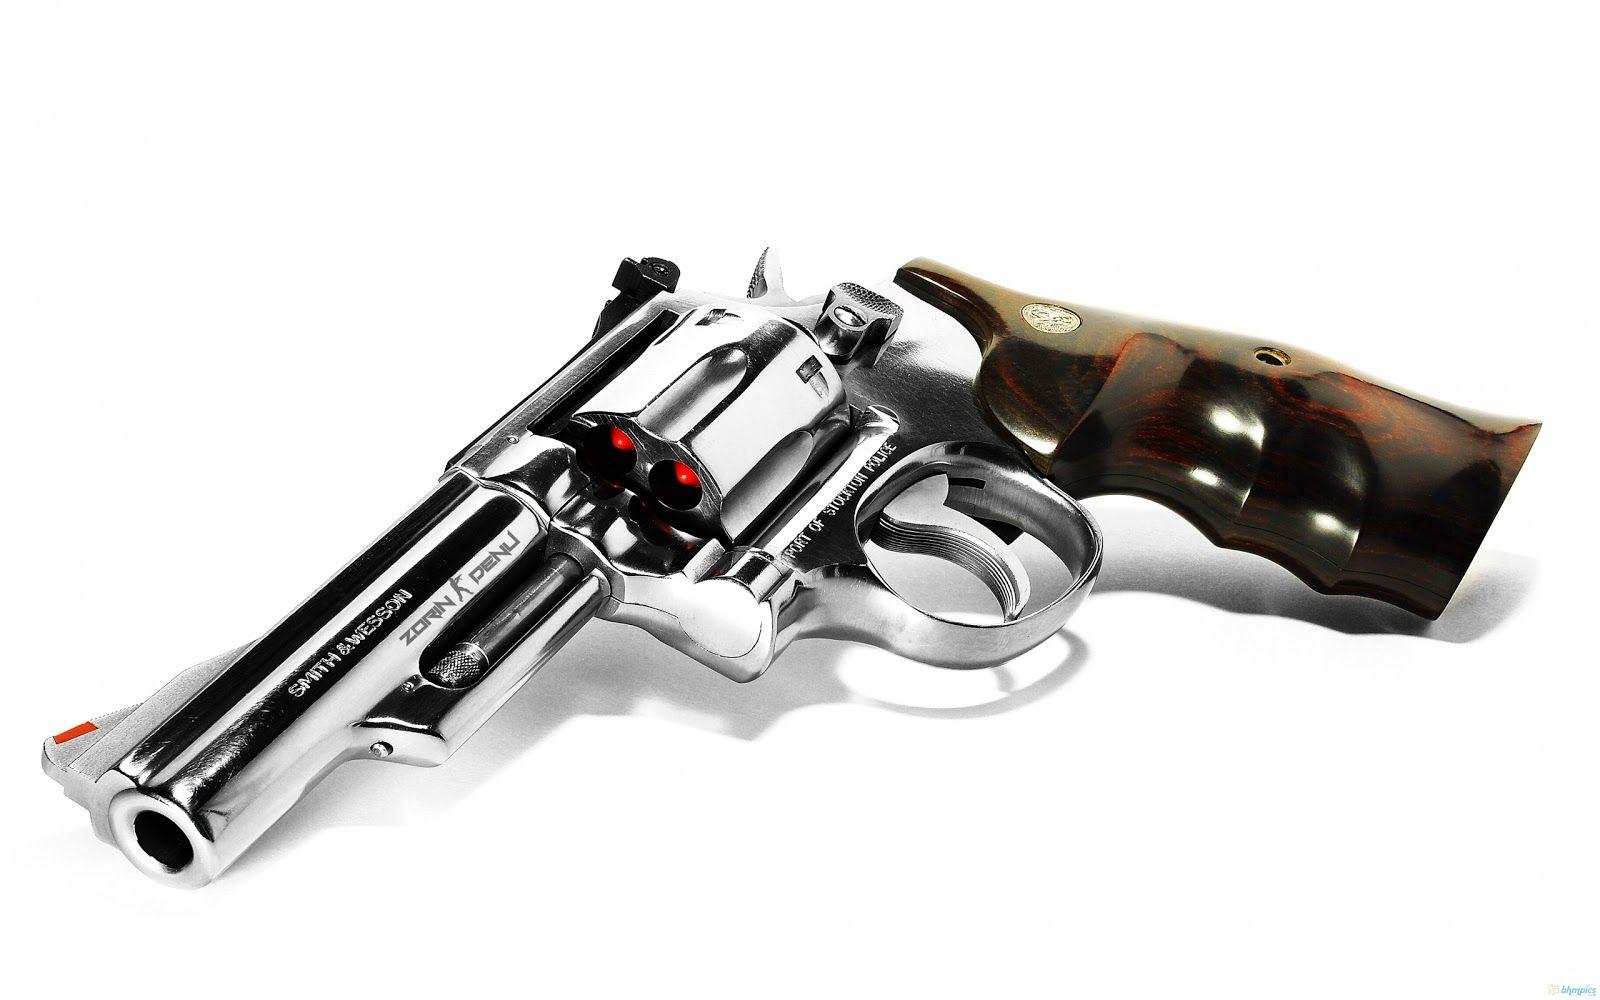 Wallpaper download gun - Gunslinger Wallpaper Wallpaper Title Download Funny Smoking Gun Wallpaper